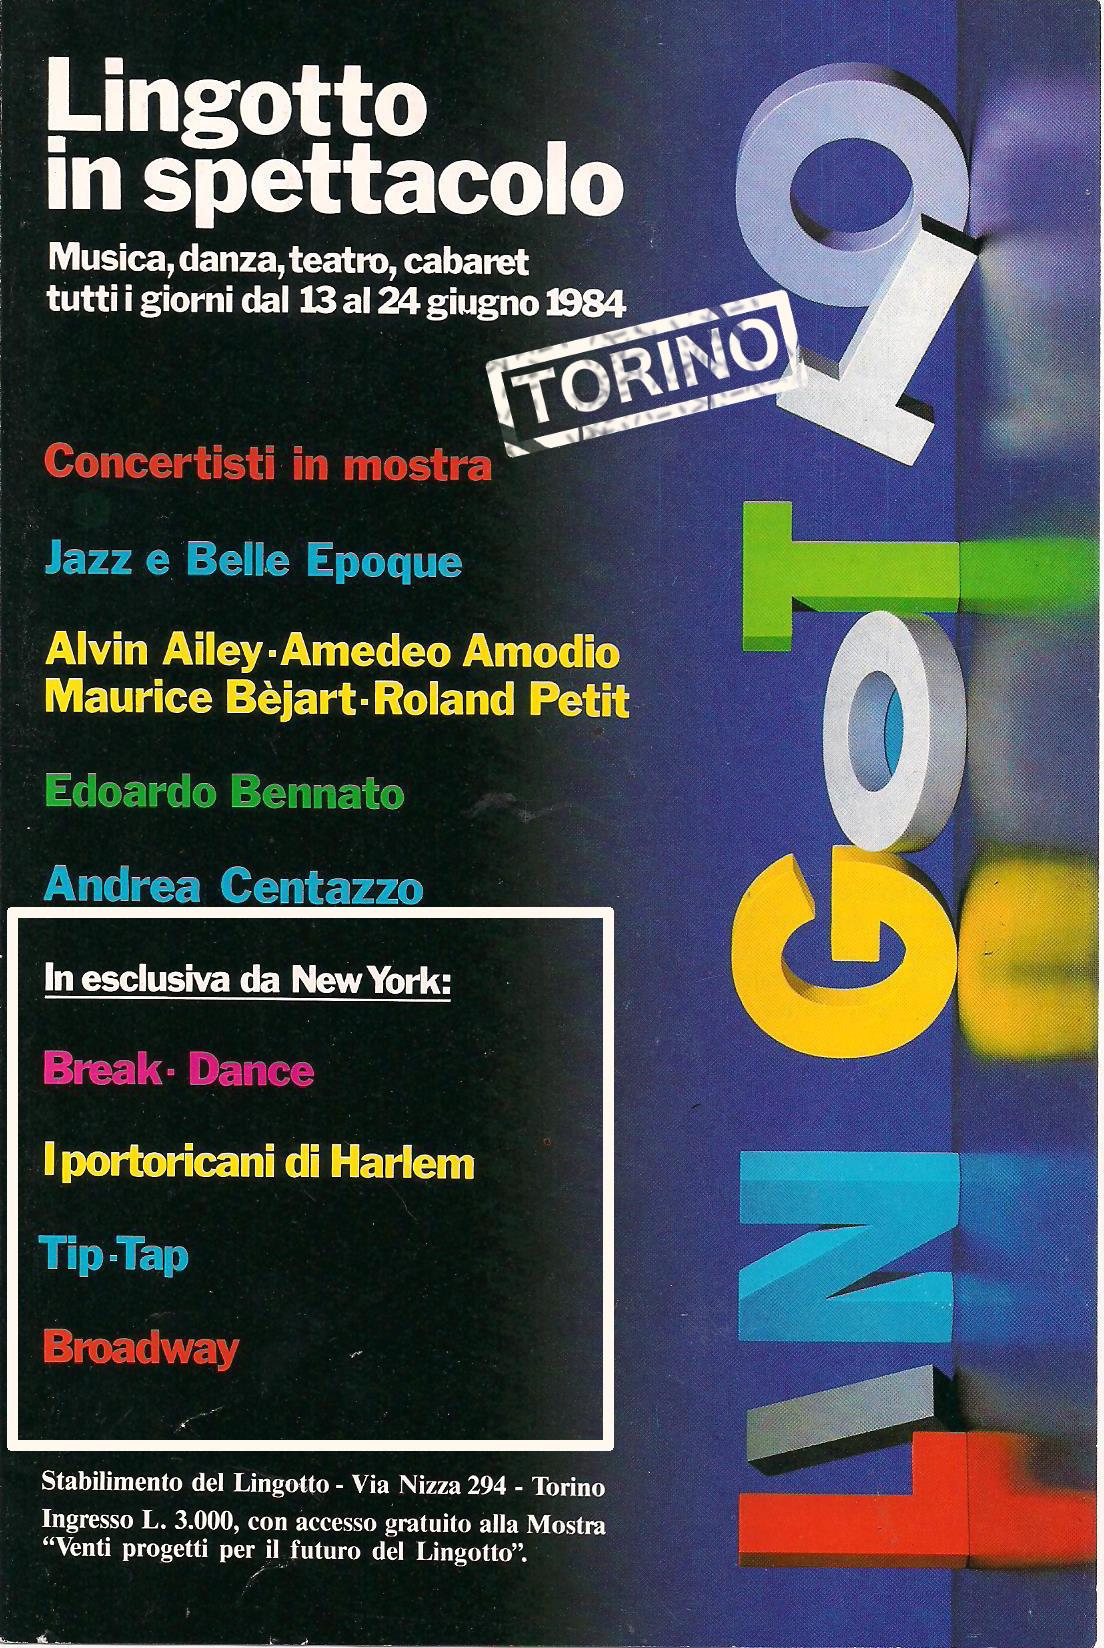 LINGOTTO - TORINO 1984 Ver2.JPG